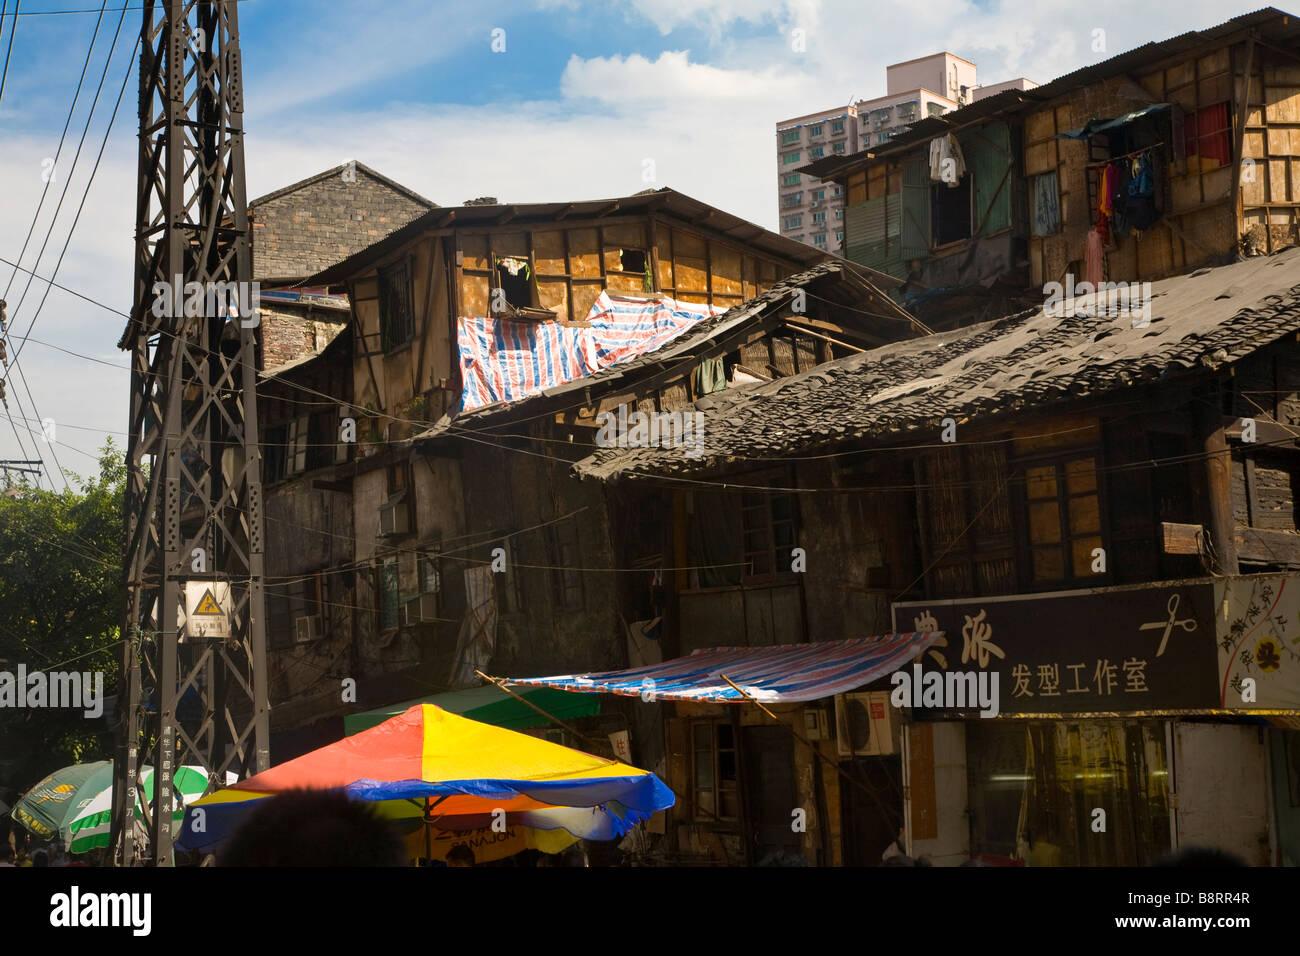 Case Tradizionali Cinesi : Cinese tradizionale in muratura telaio in legno case nella città